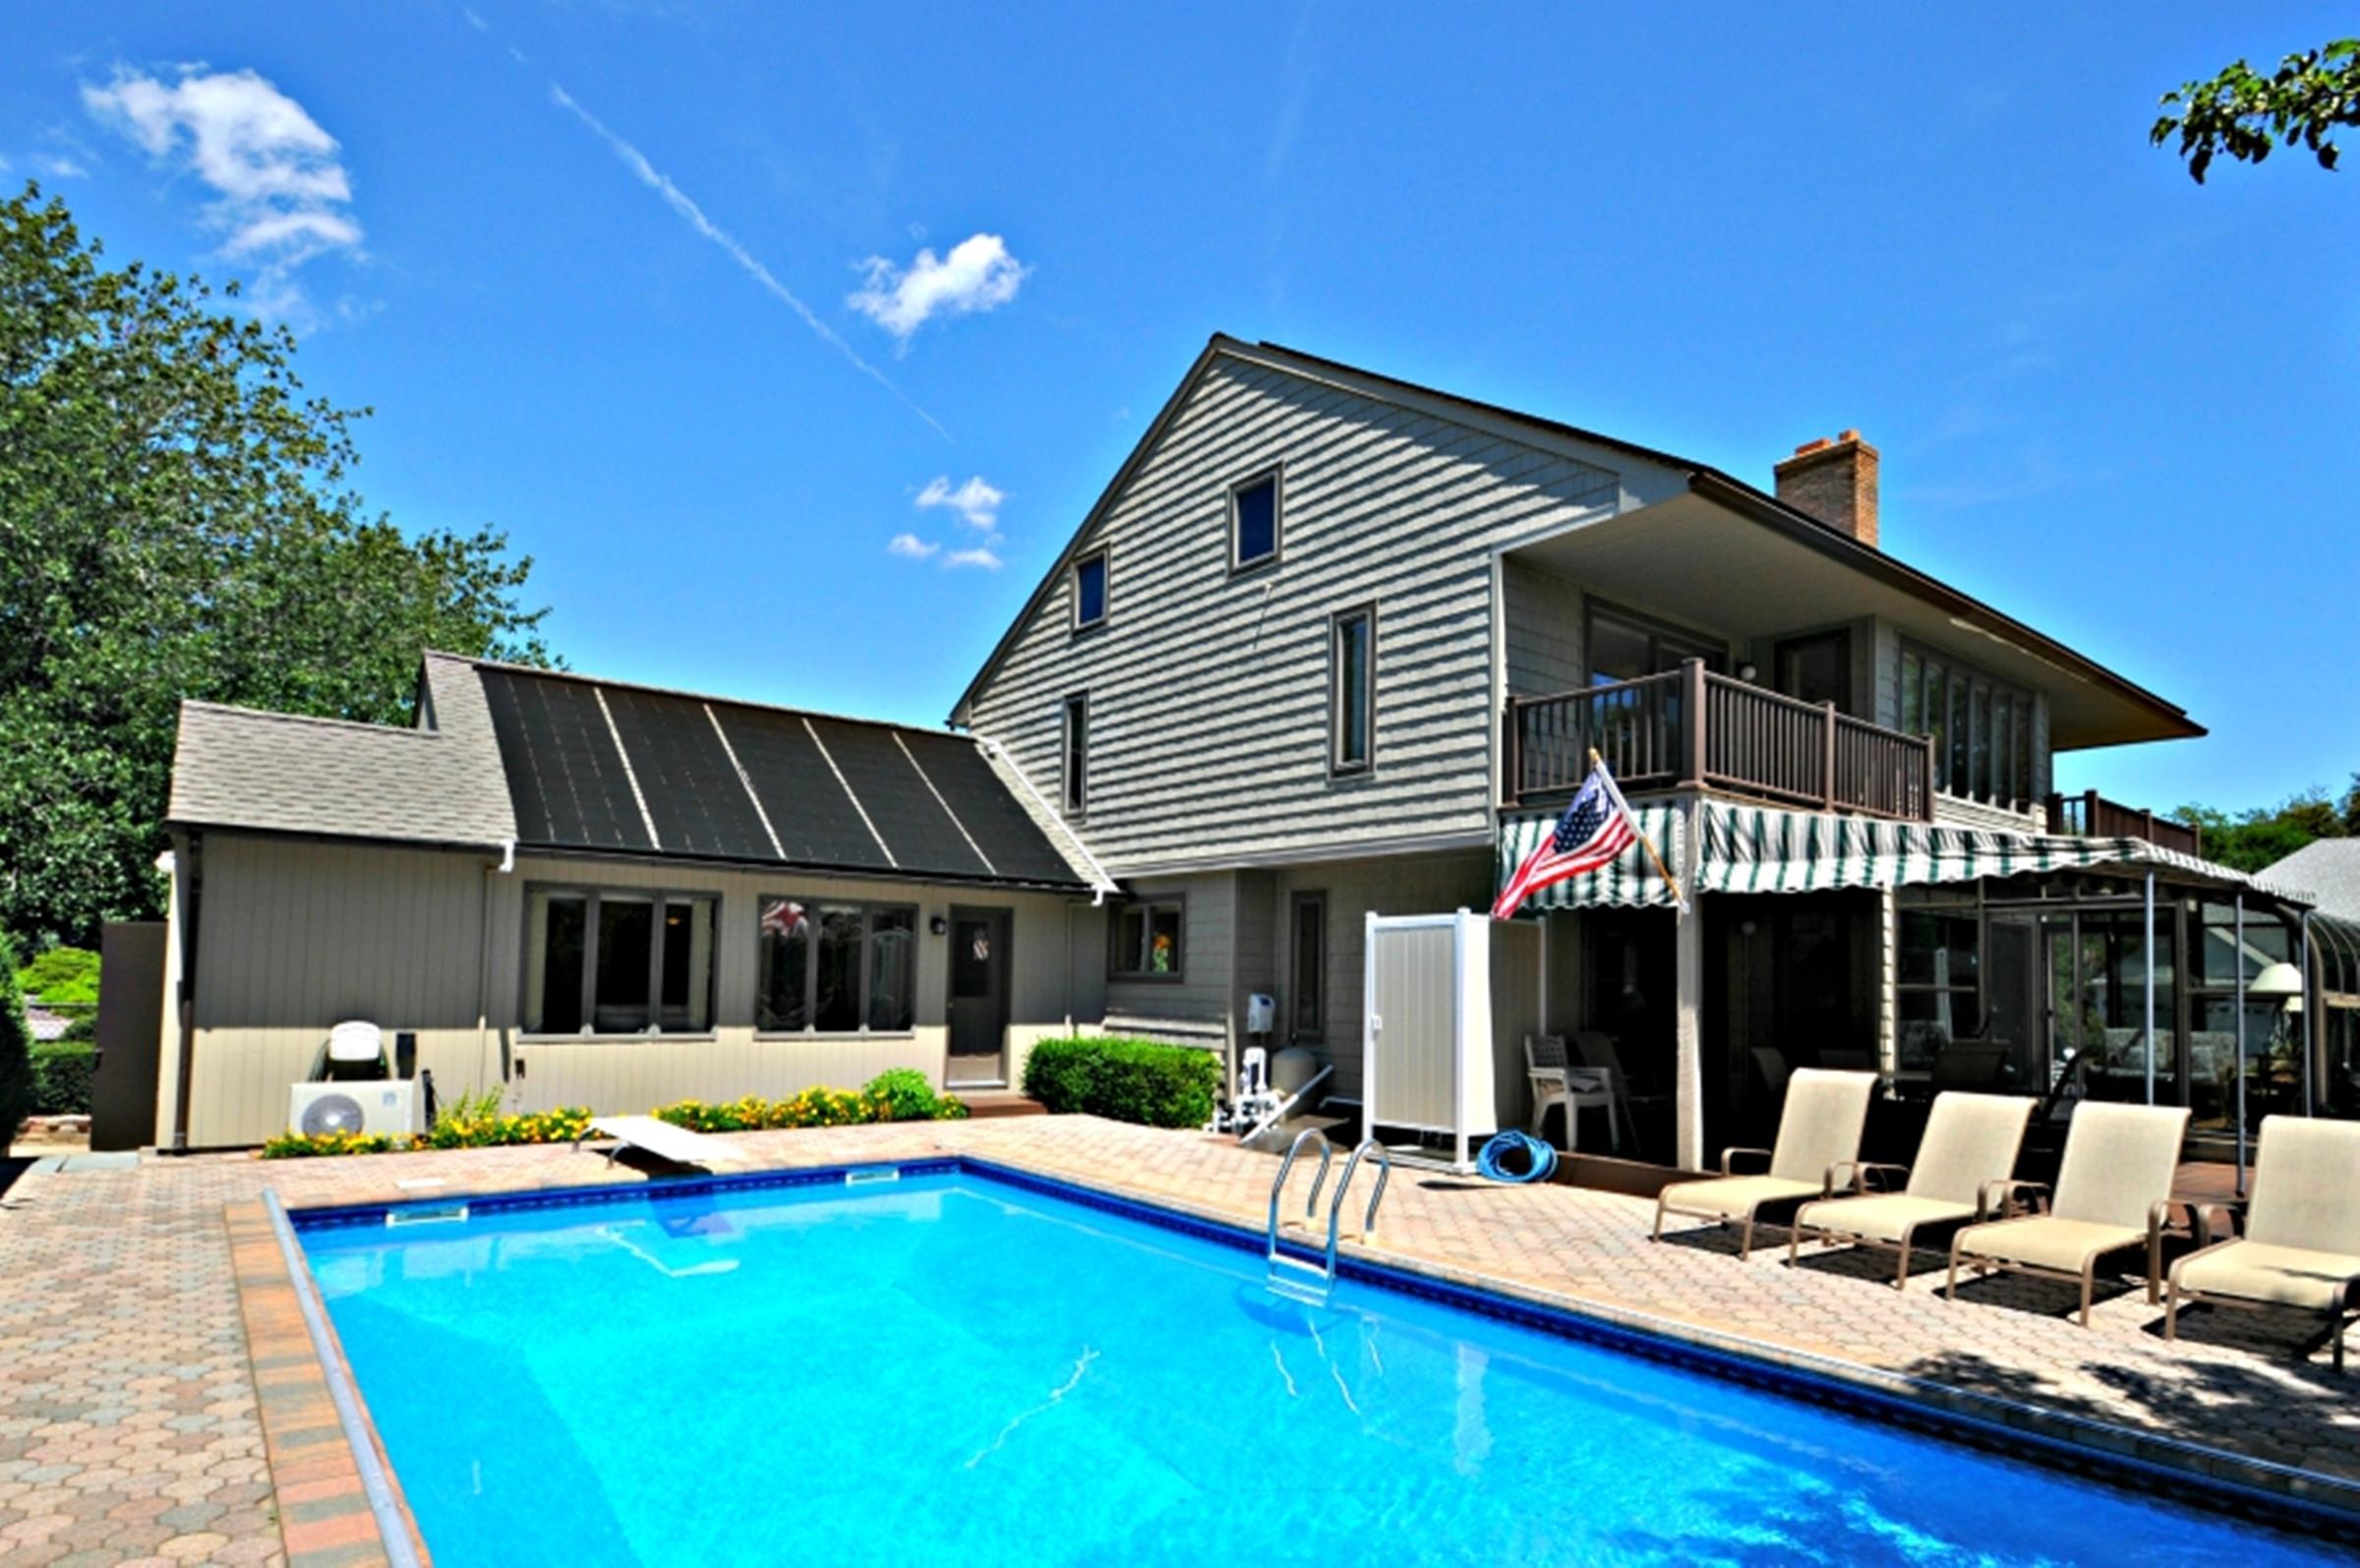 獨棟家庭住宅 為 出售 在 2 Story 29 Seacove Ln Jamesport, 紐約州 11947 美國